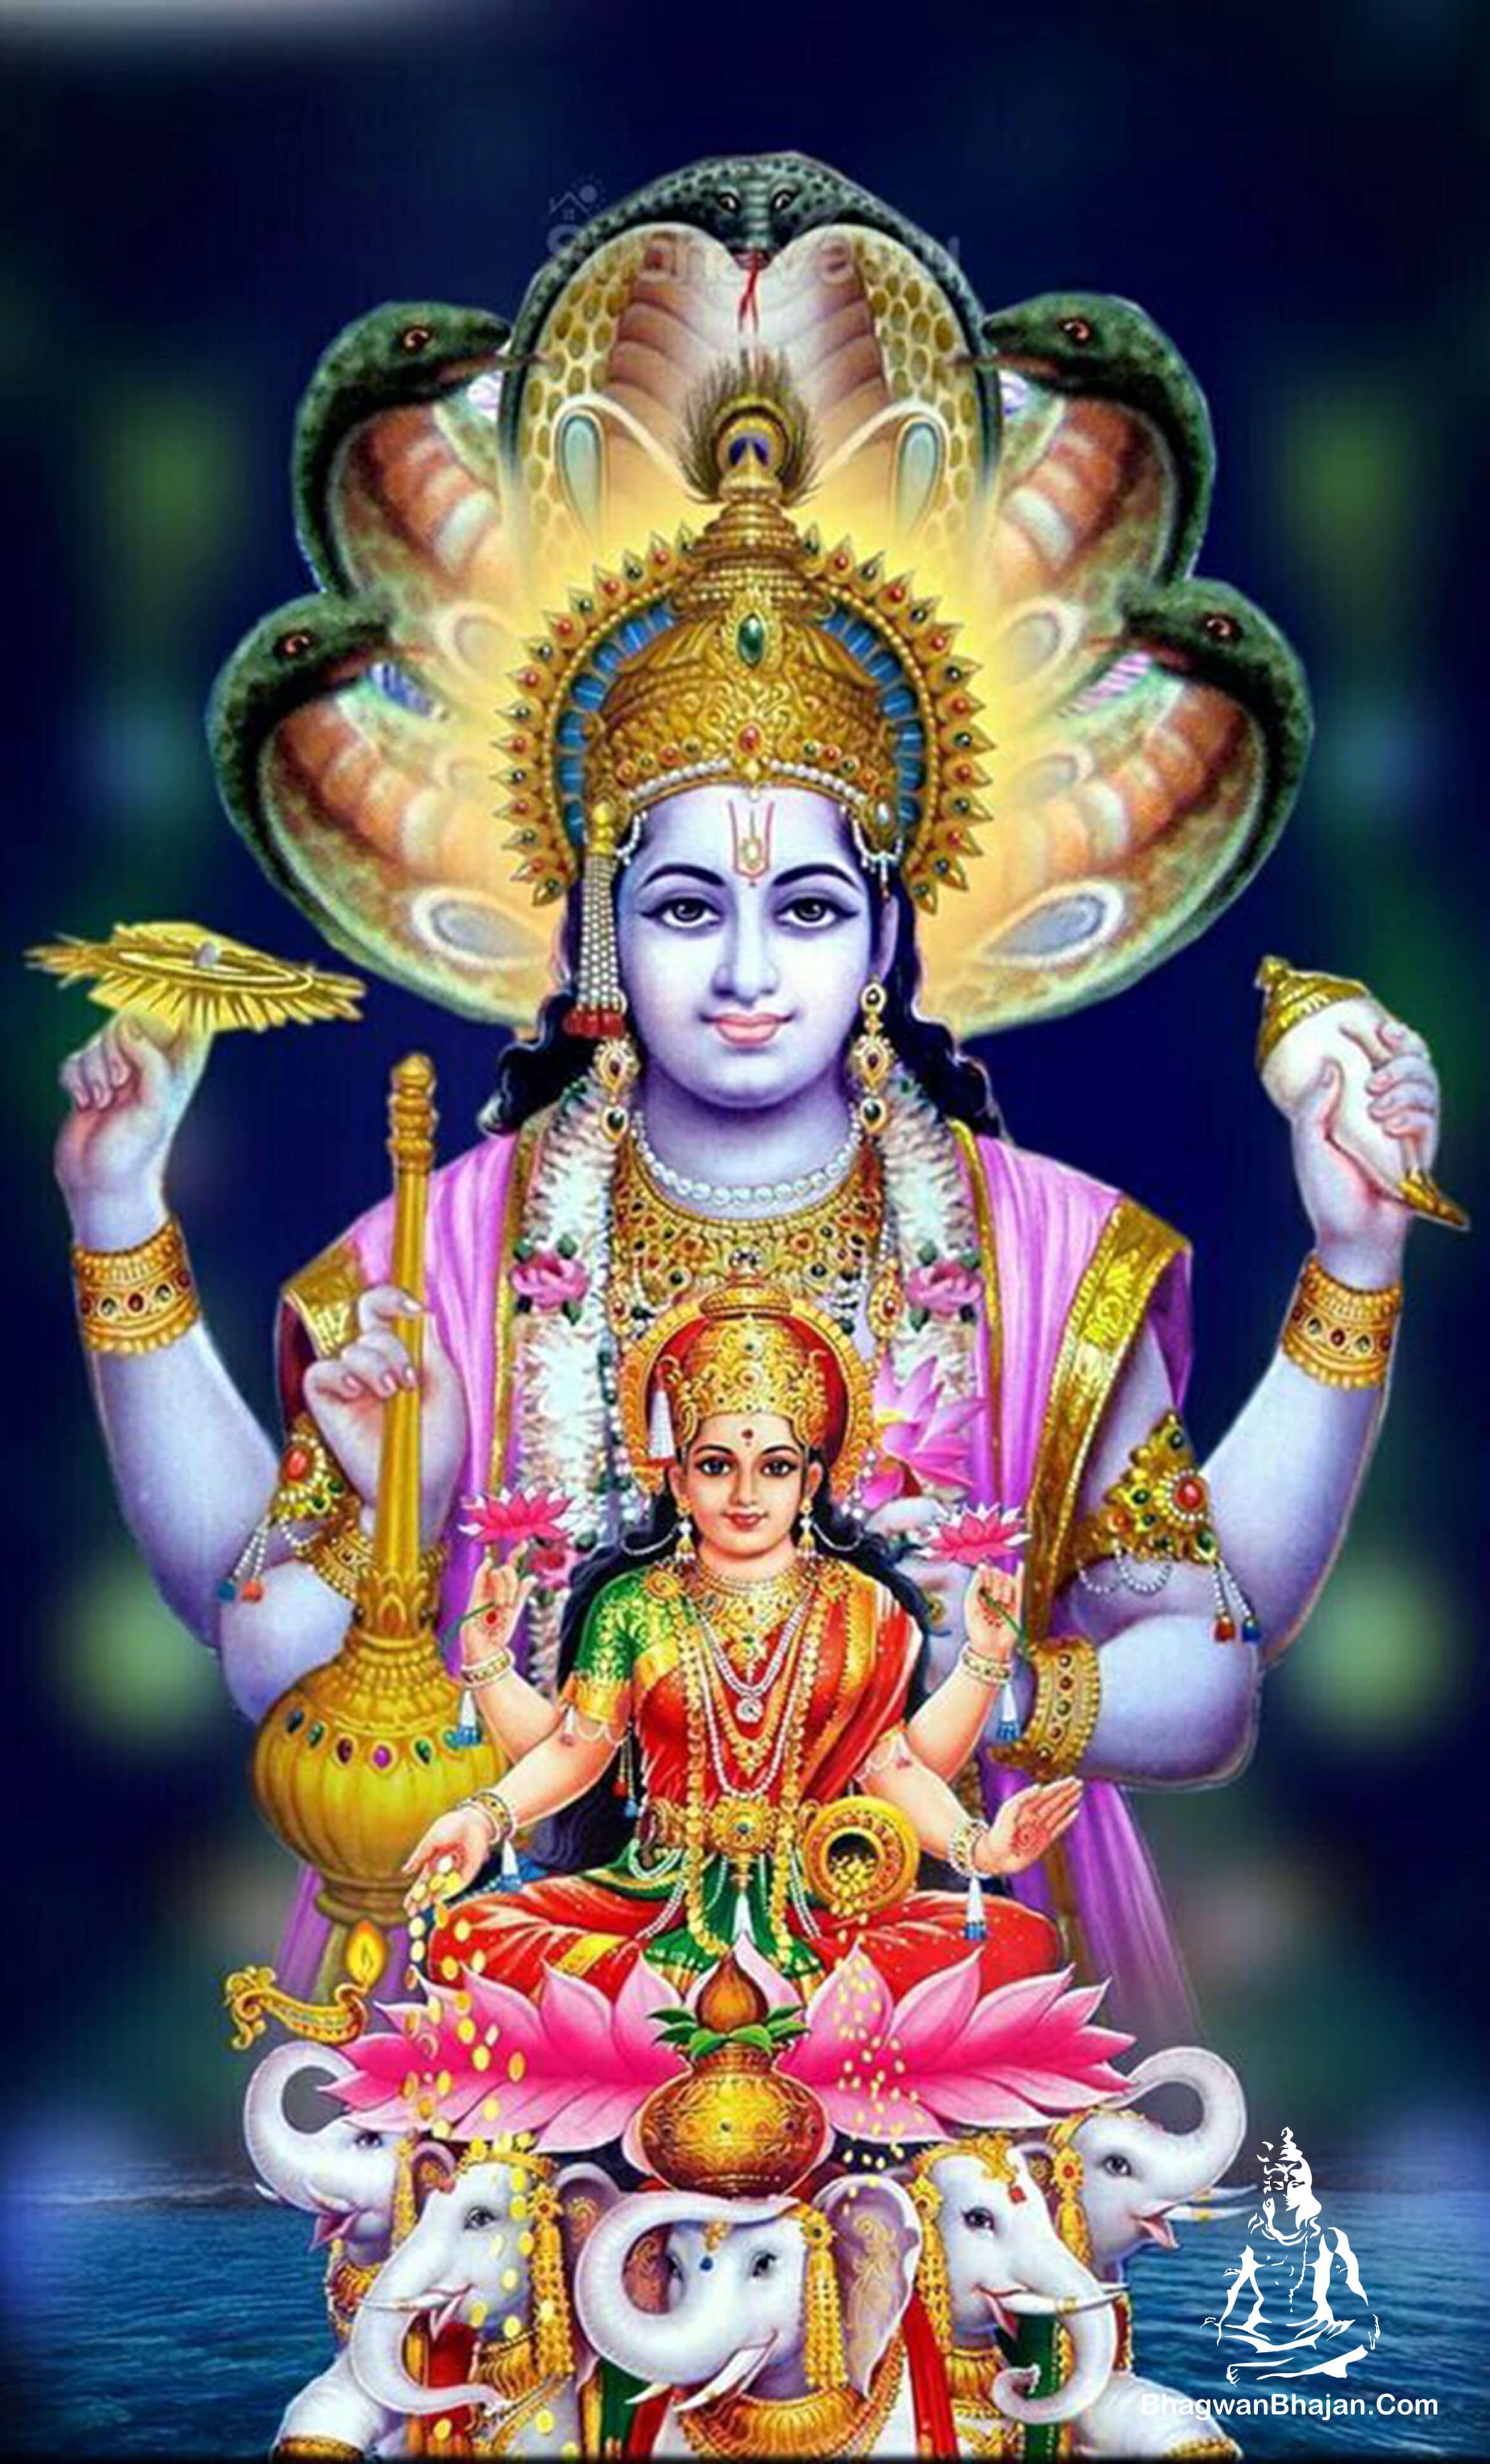 bhagwan vishnu ji narayan hd images & wallpaper